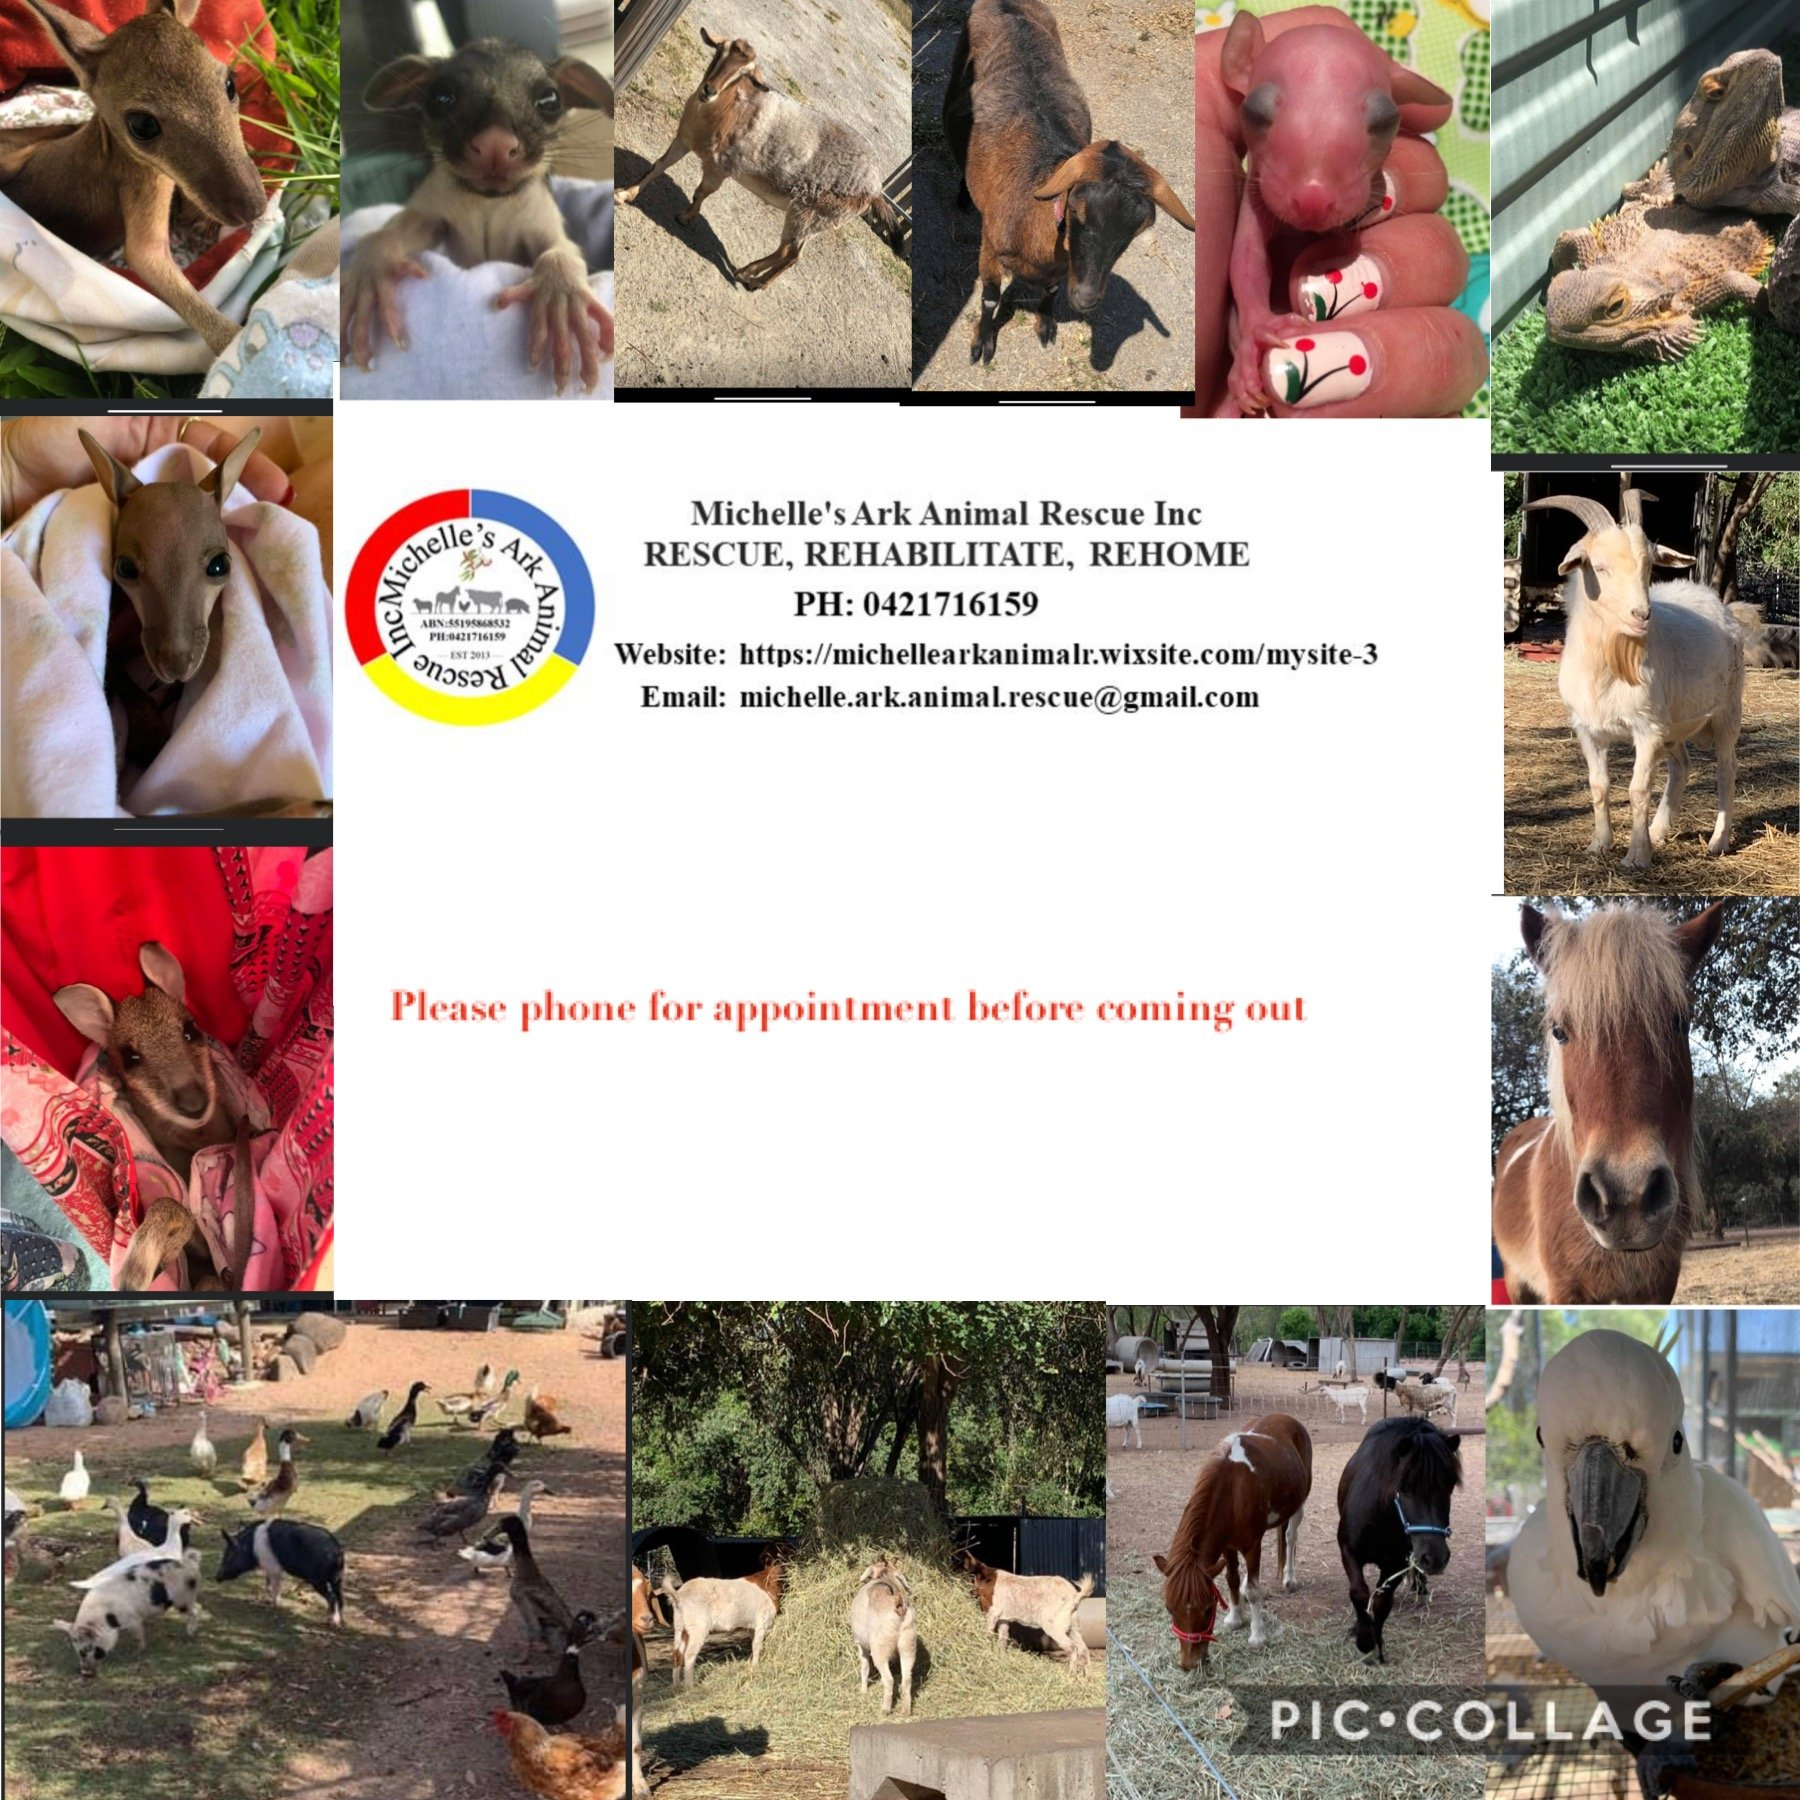 Michelle's Ark  Animal Rescue inc